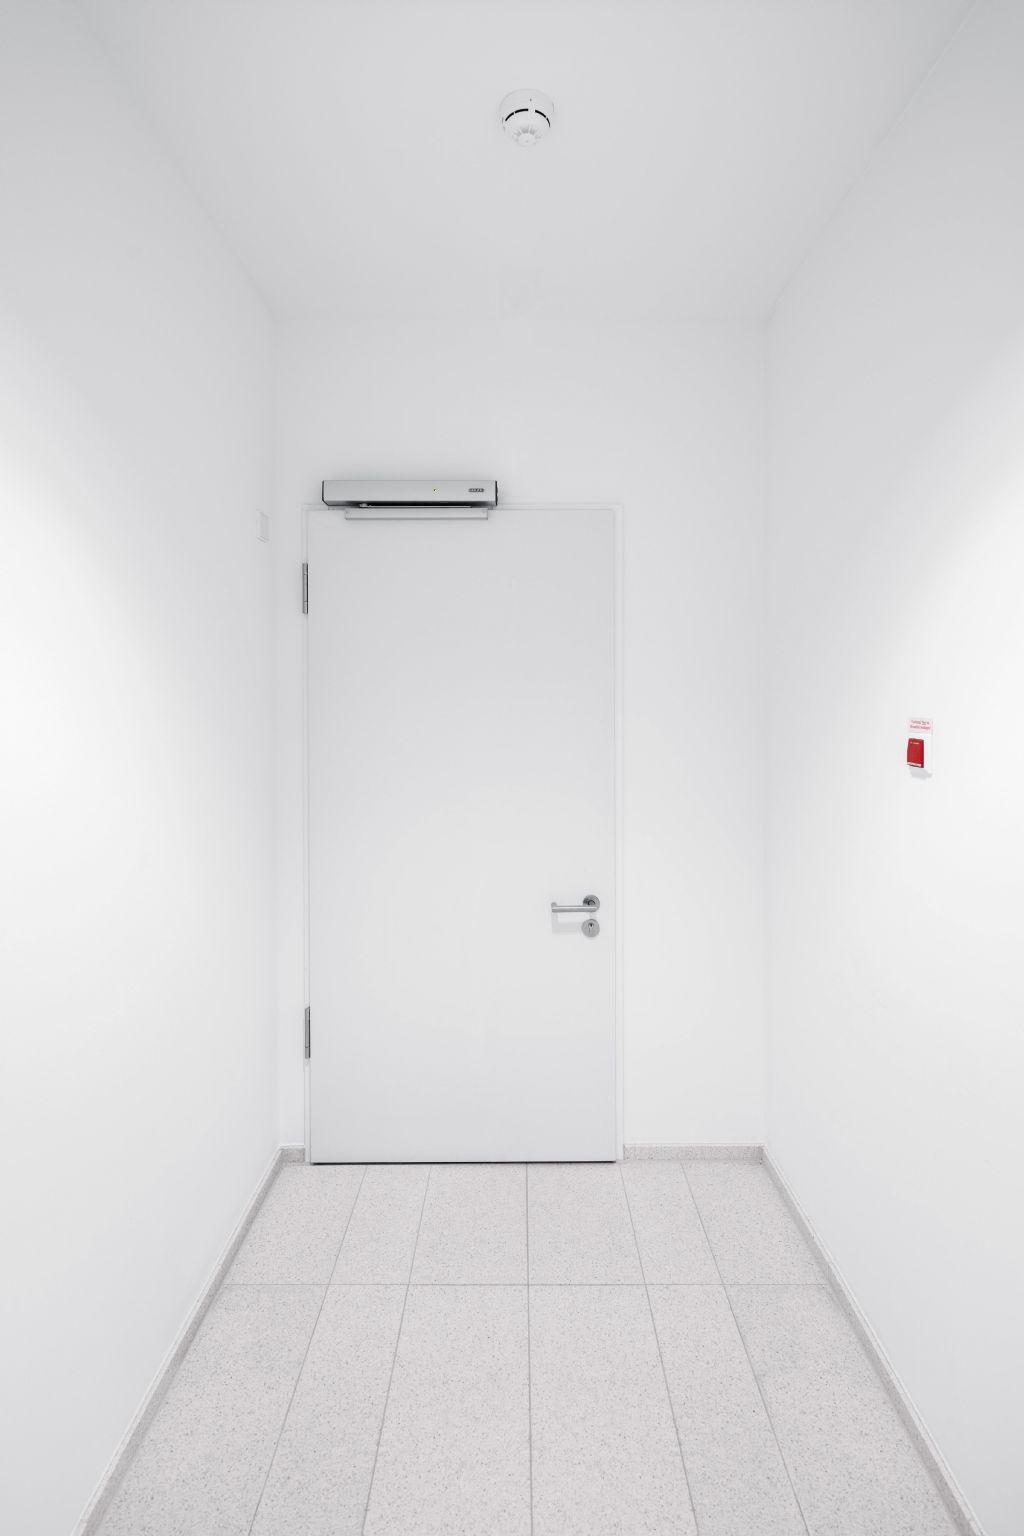 Het draadloos uitbreidingssysteem GEZE FA GC 170 is geschikt voor eenvoudige montage op brandwerende deuren in bestaande gebouwen of monumentale bouwprojecten.